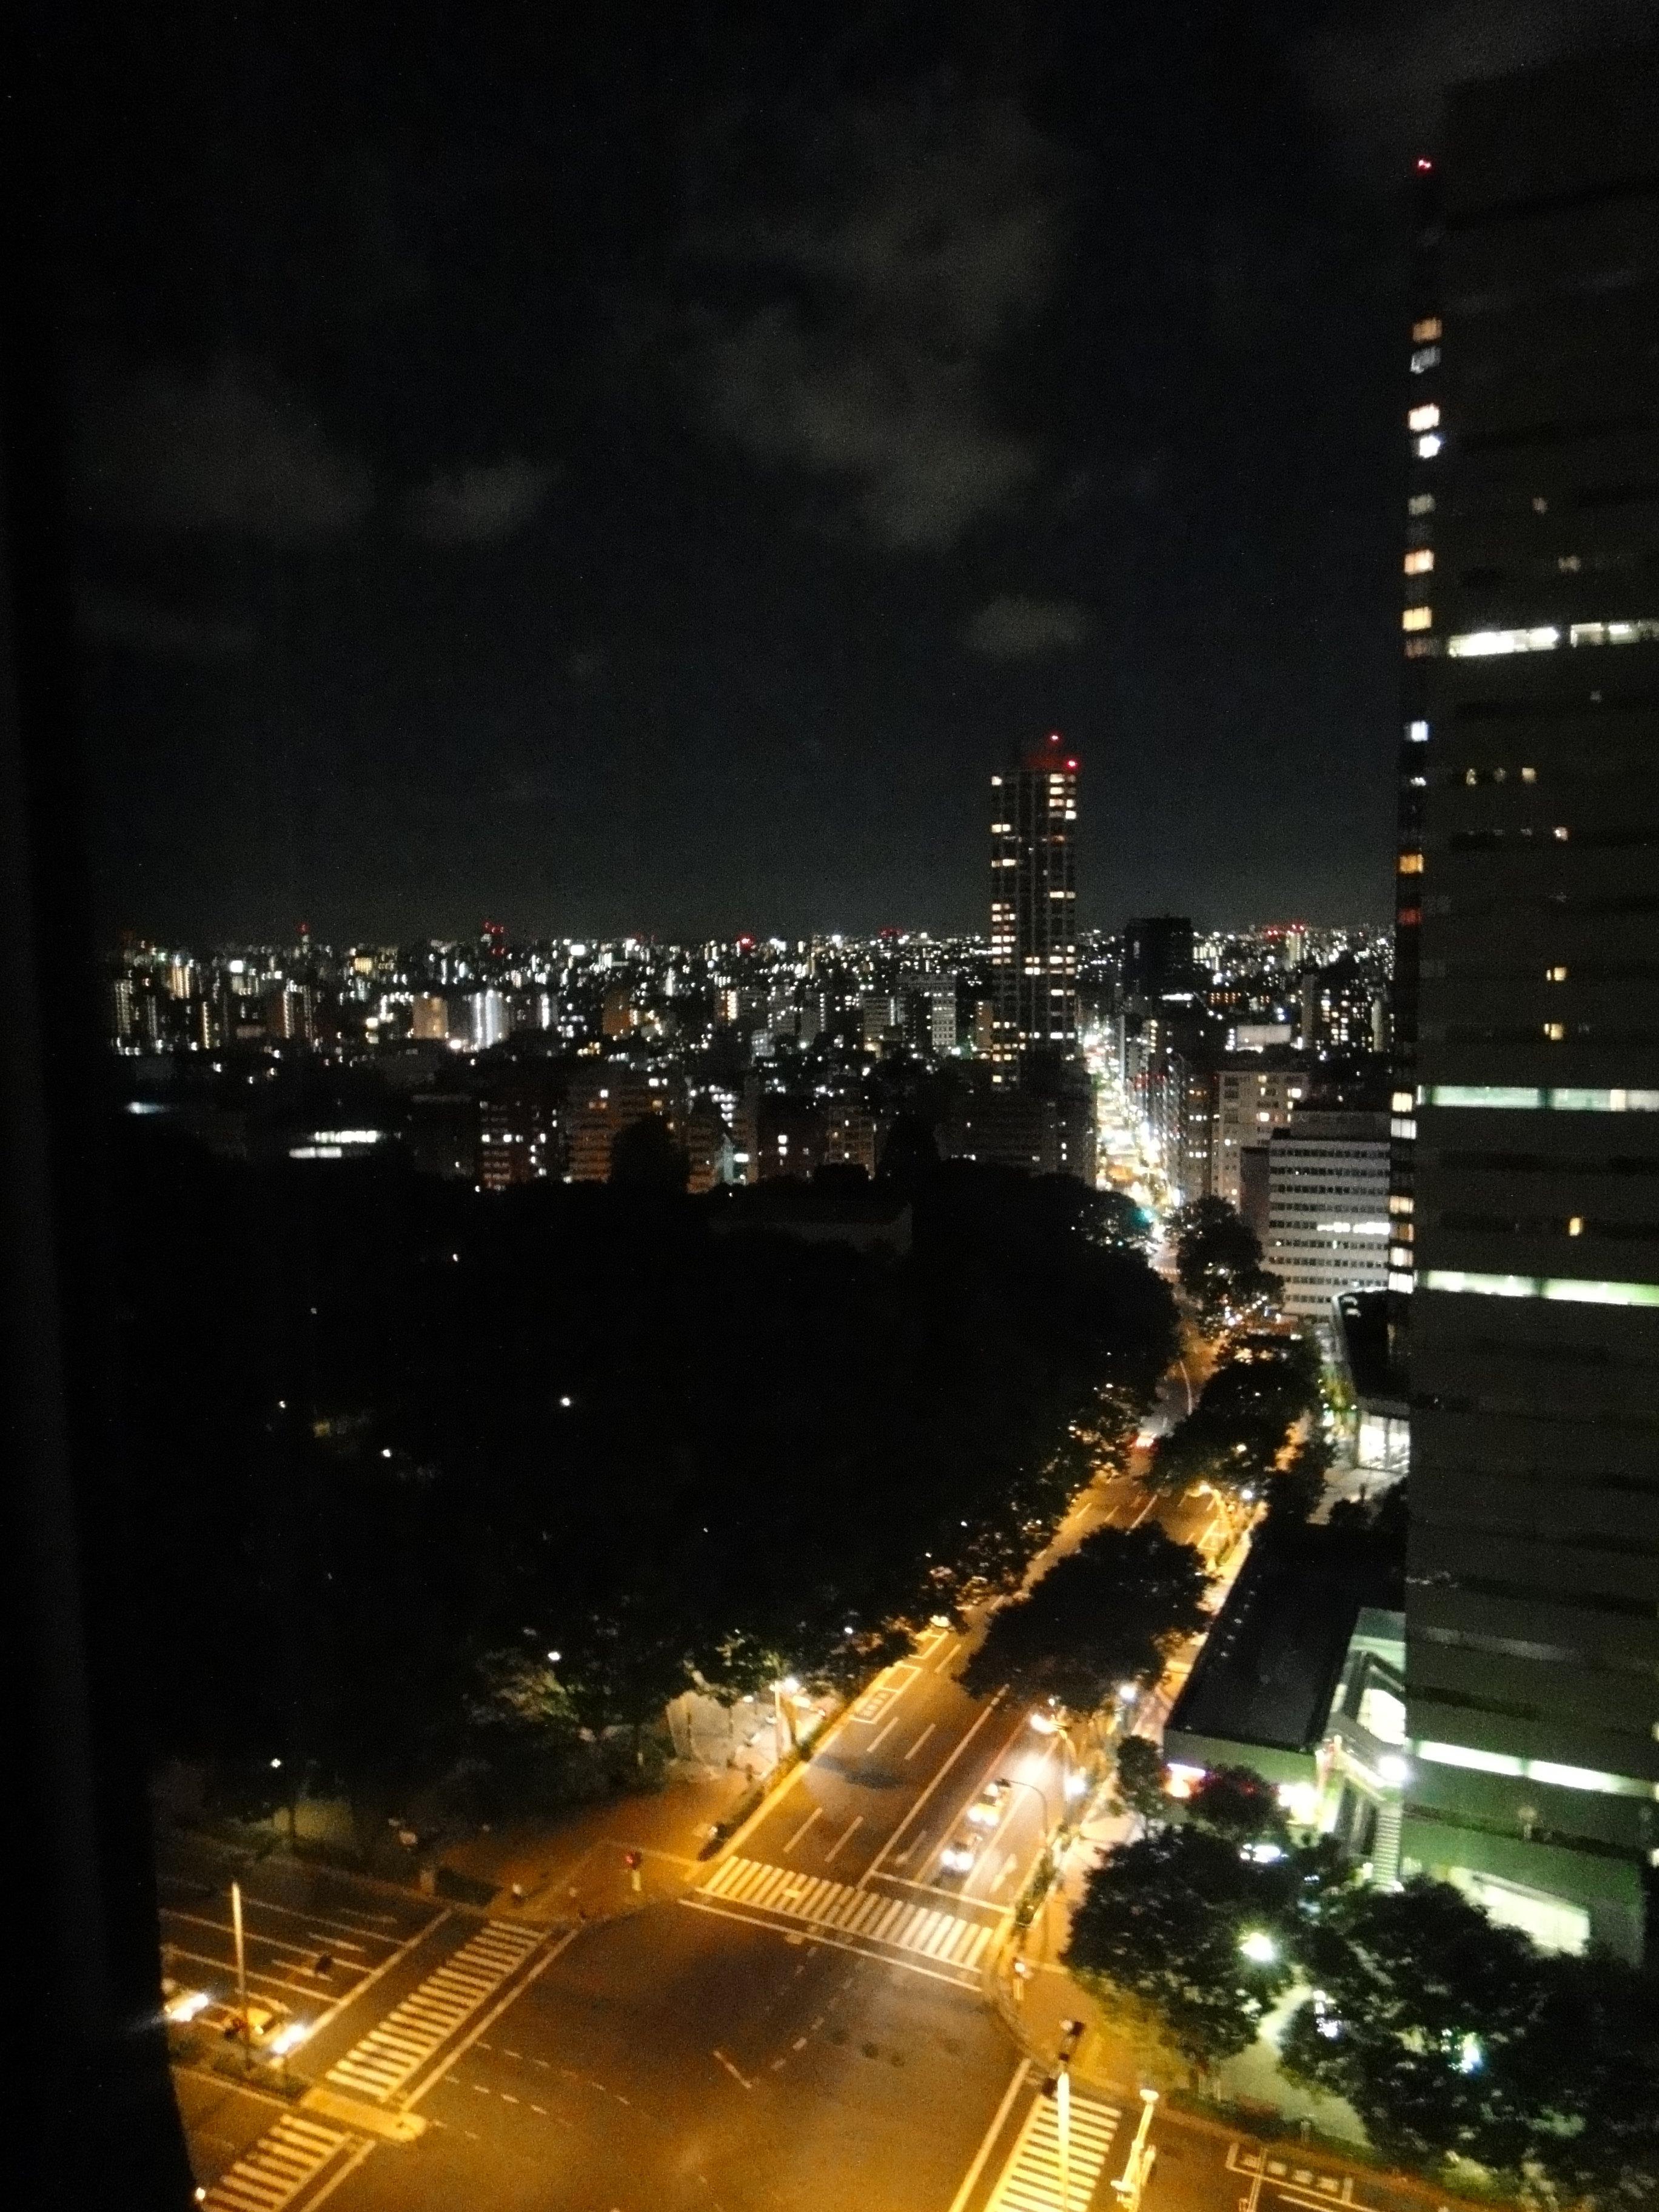 看夜景美的说说 形容夜景美的句子 夜景的心情短语图片